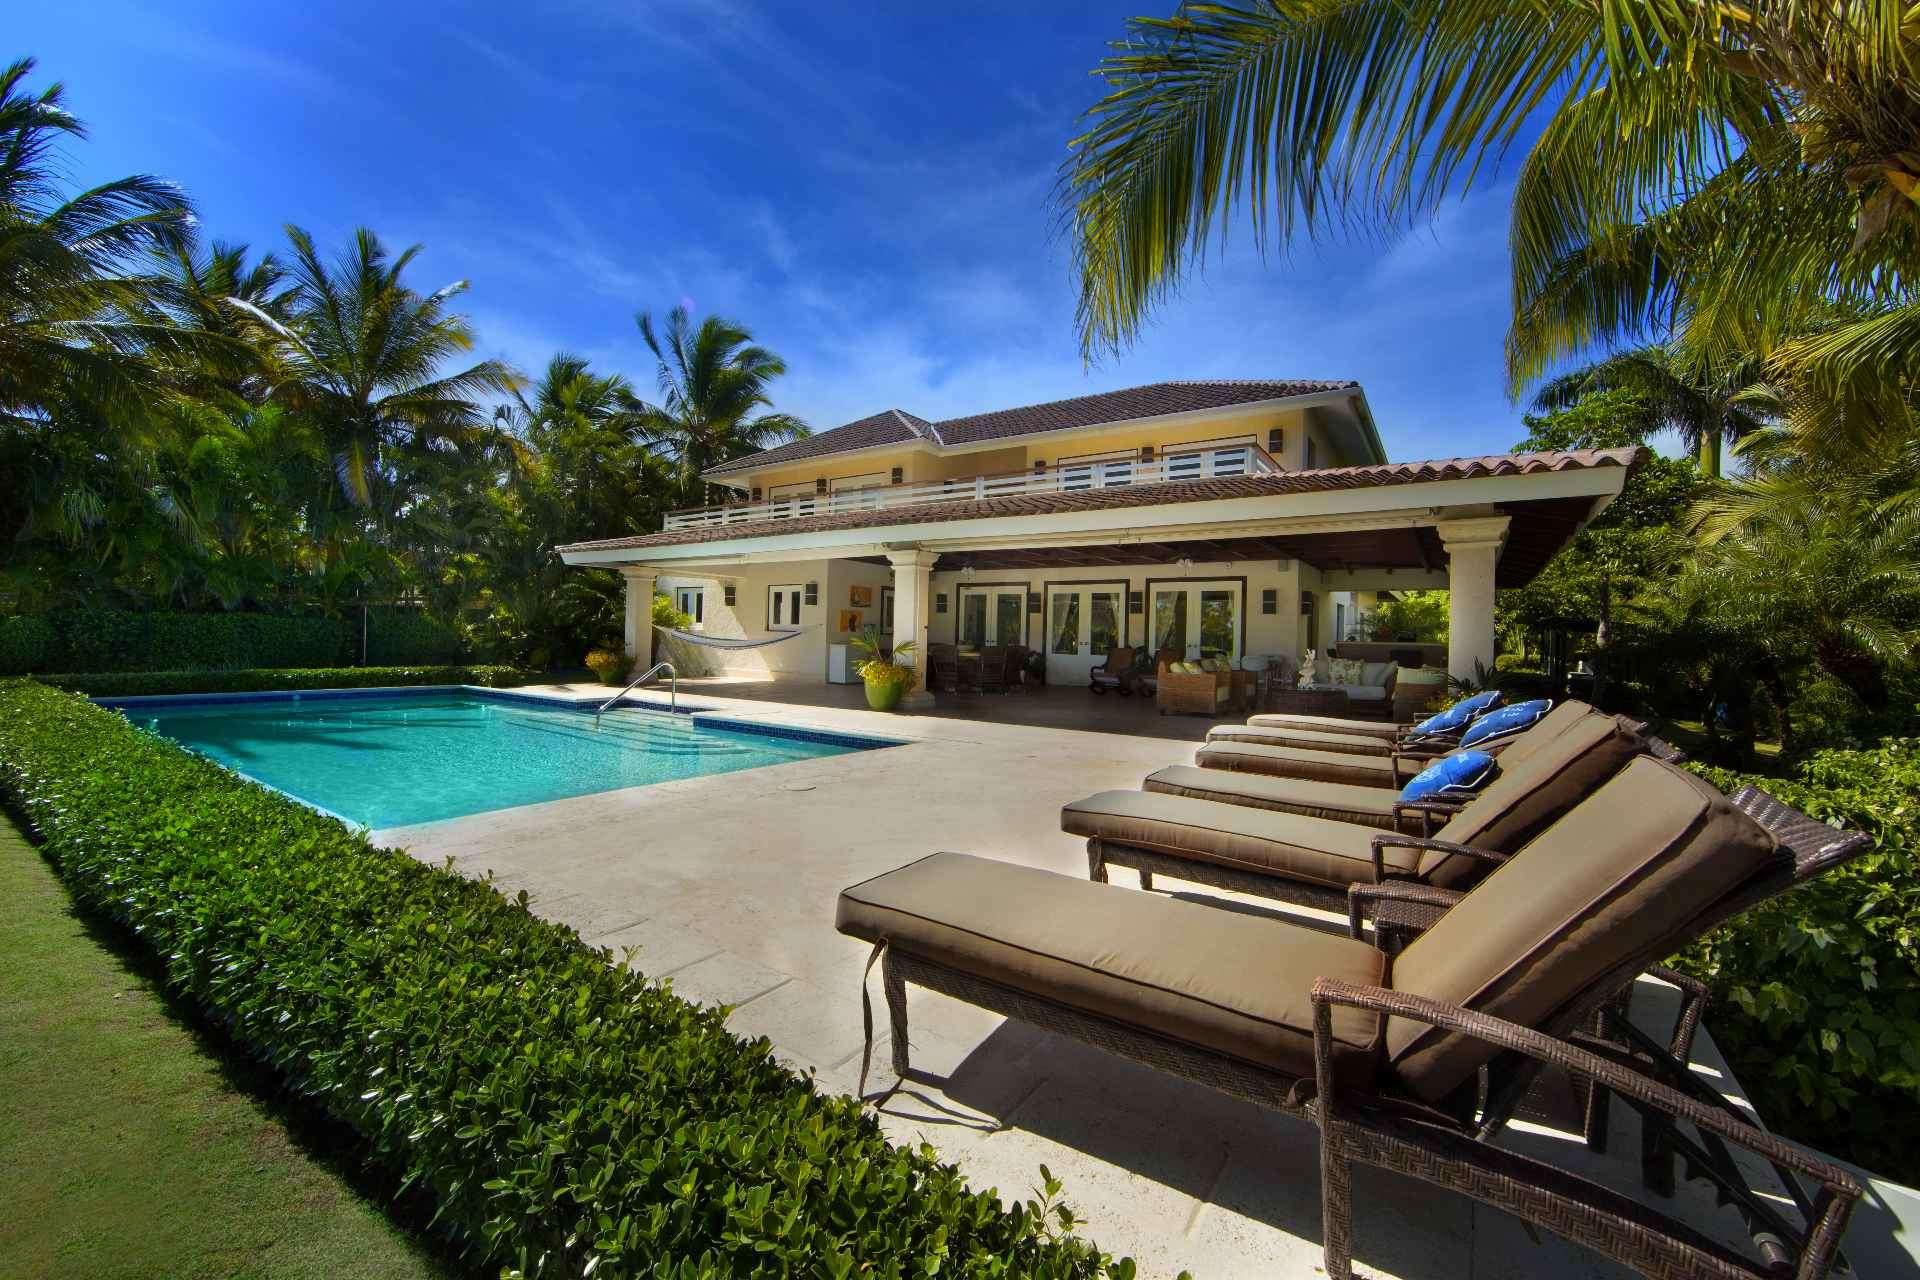 - Villa Fortune - Image 1/22